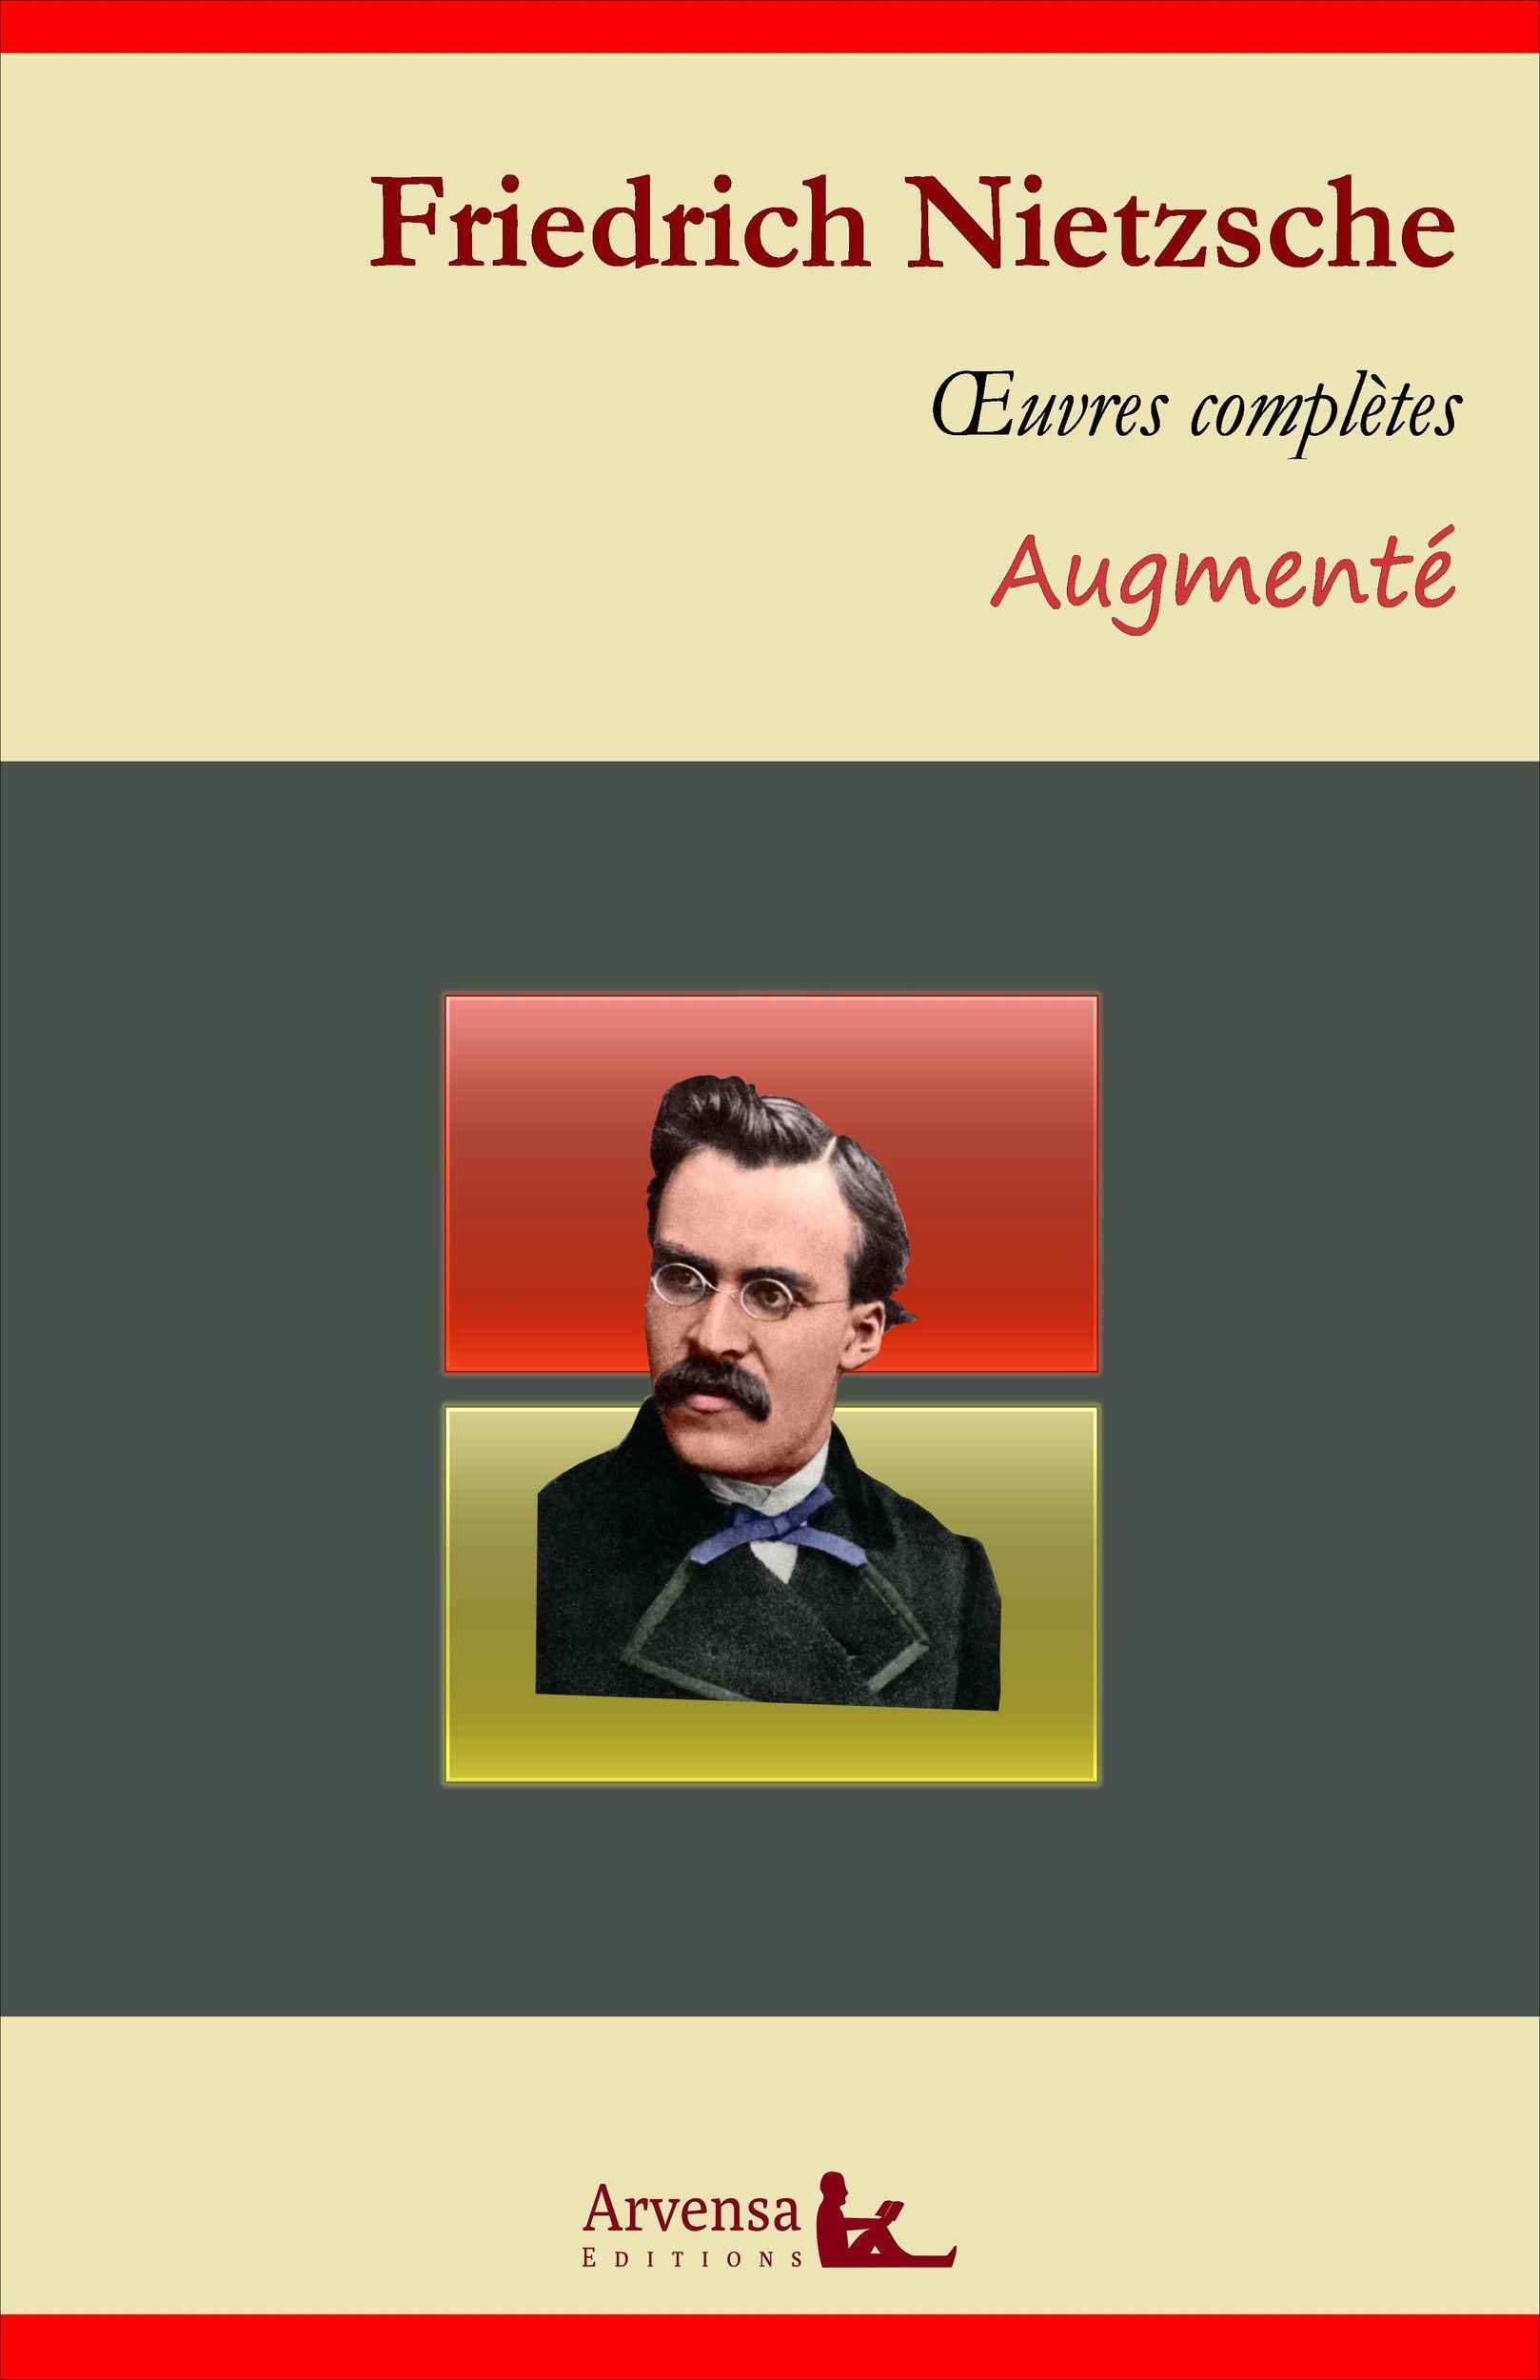 Friedrich Nietzsche : Oeuvres complètes - suivi d'annexes (annotées, illustrées)